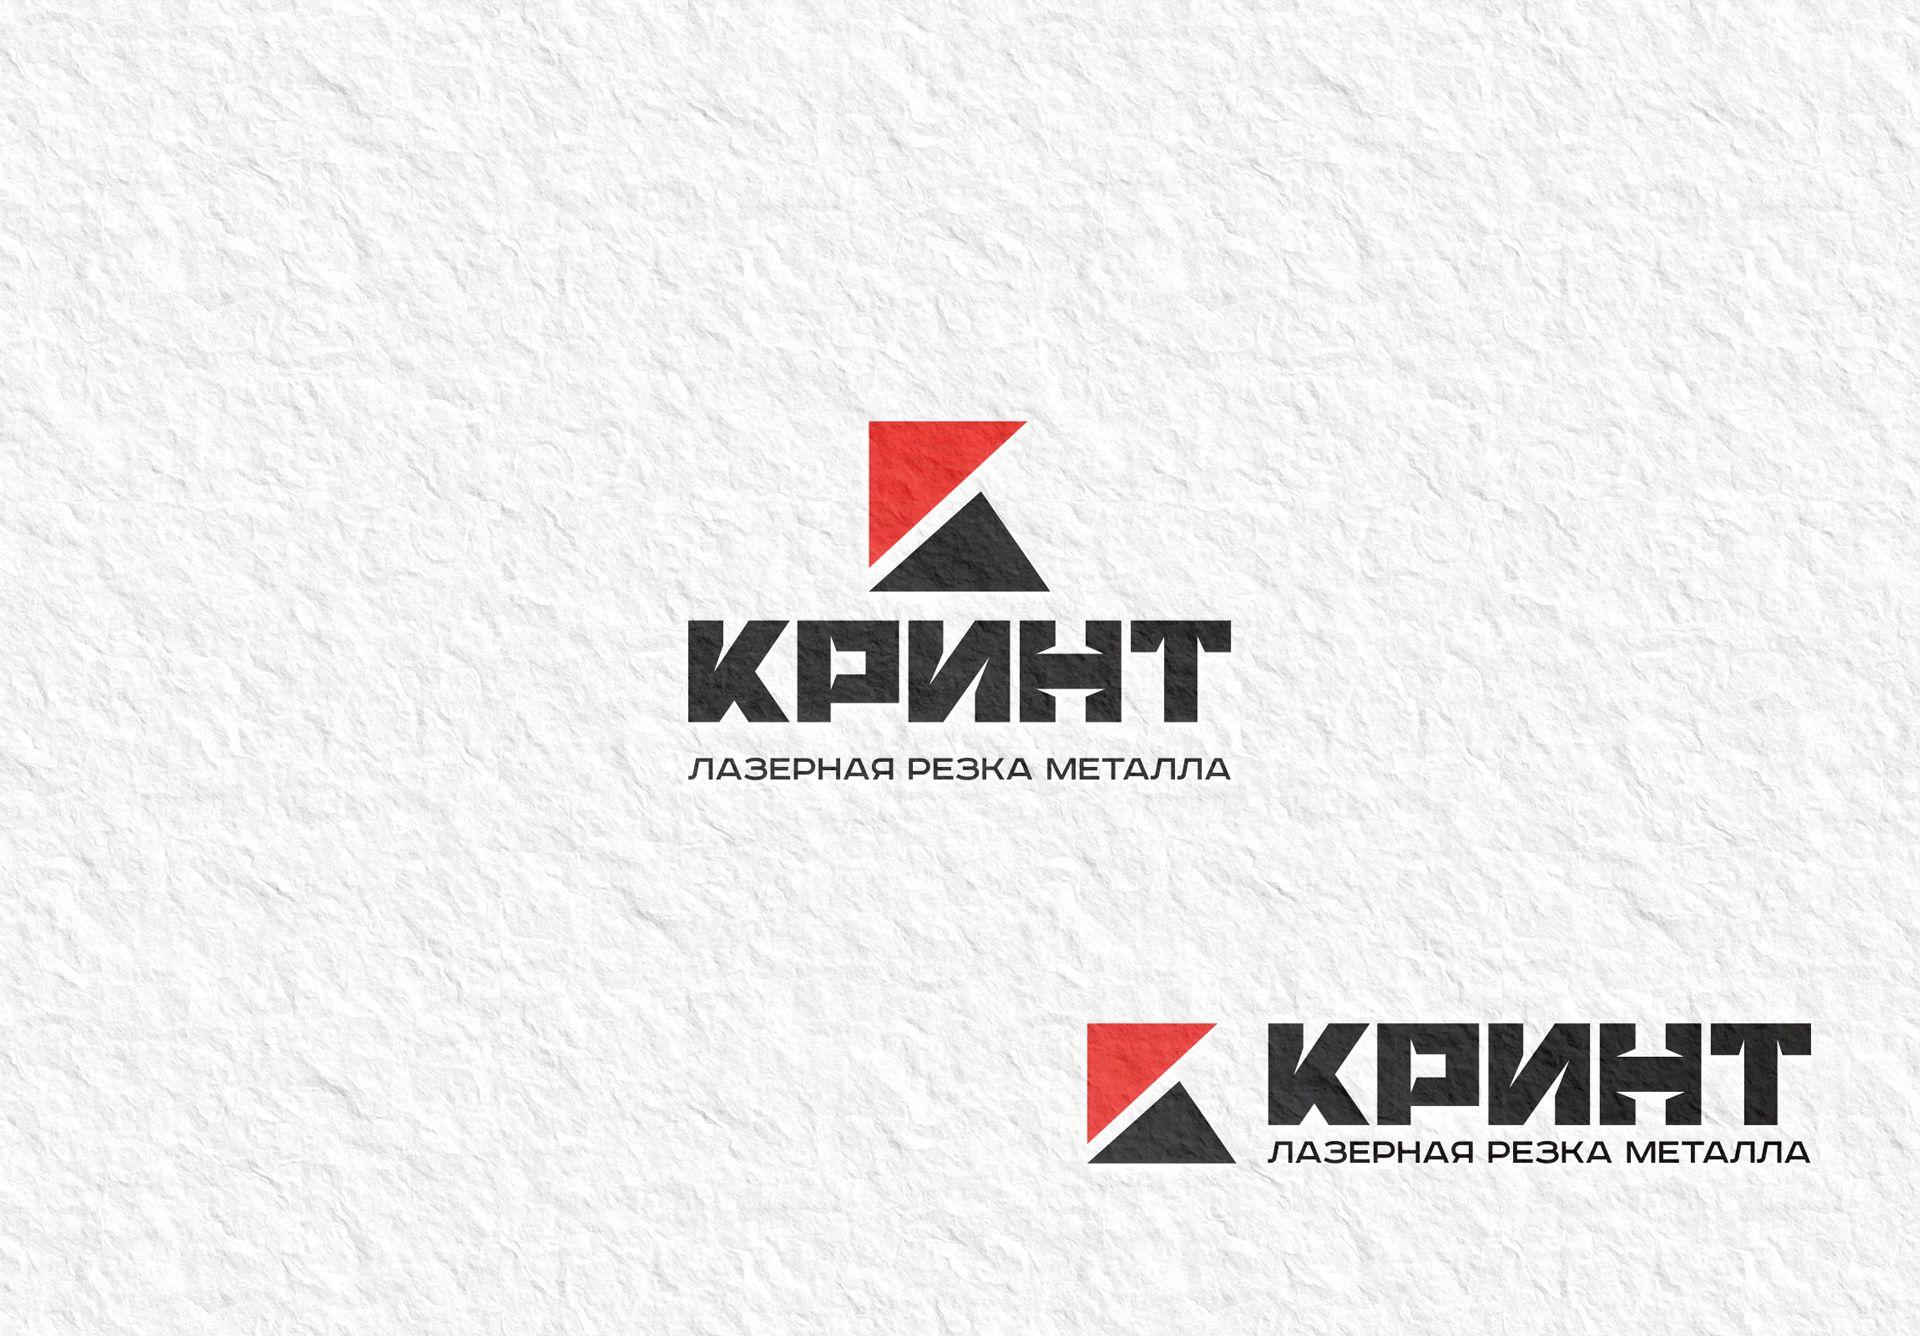 Логотип + фирменный стиль для компании Кринт - дизайнер Advokat72